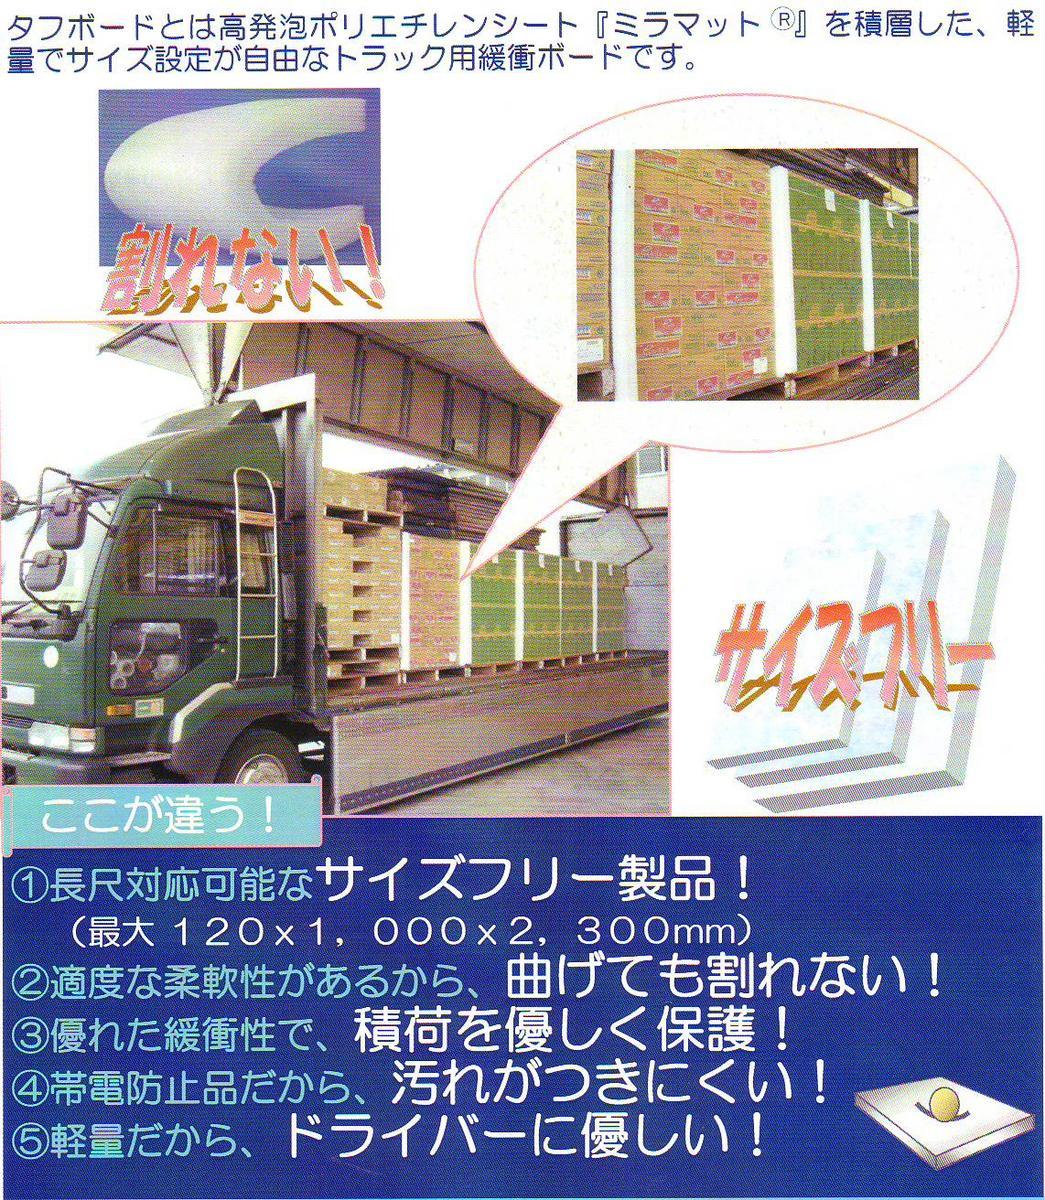 タフボード(40mm厚み)7枚セット【ソフトタイプ】